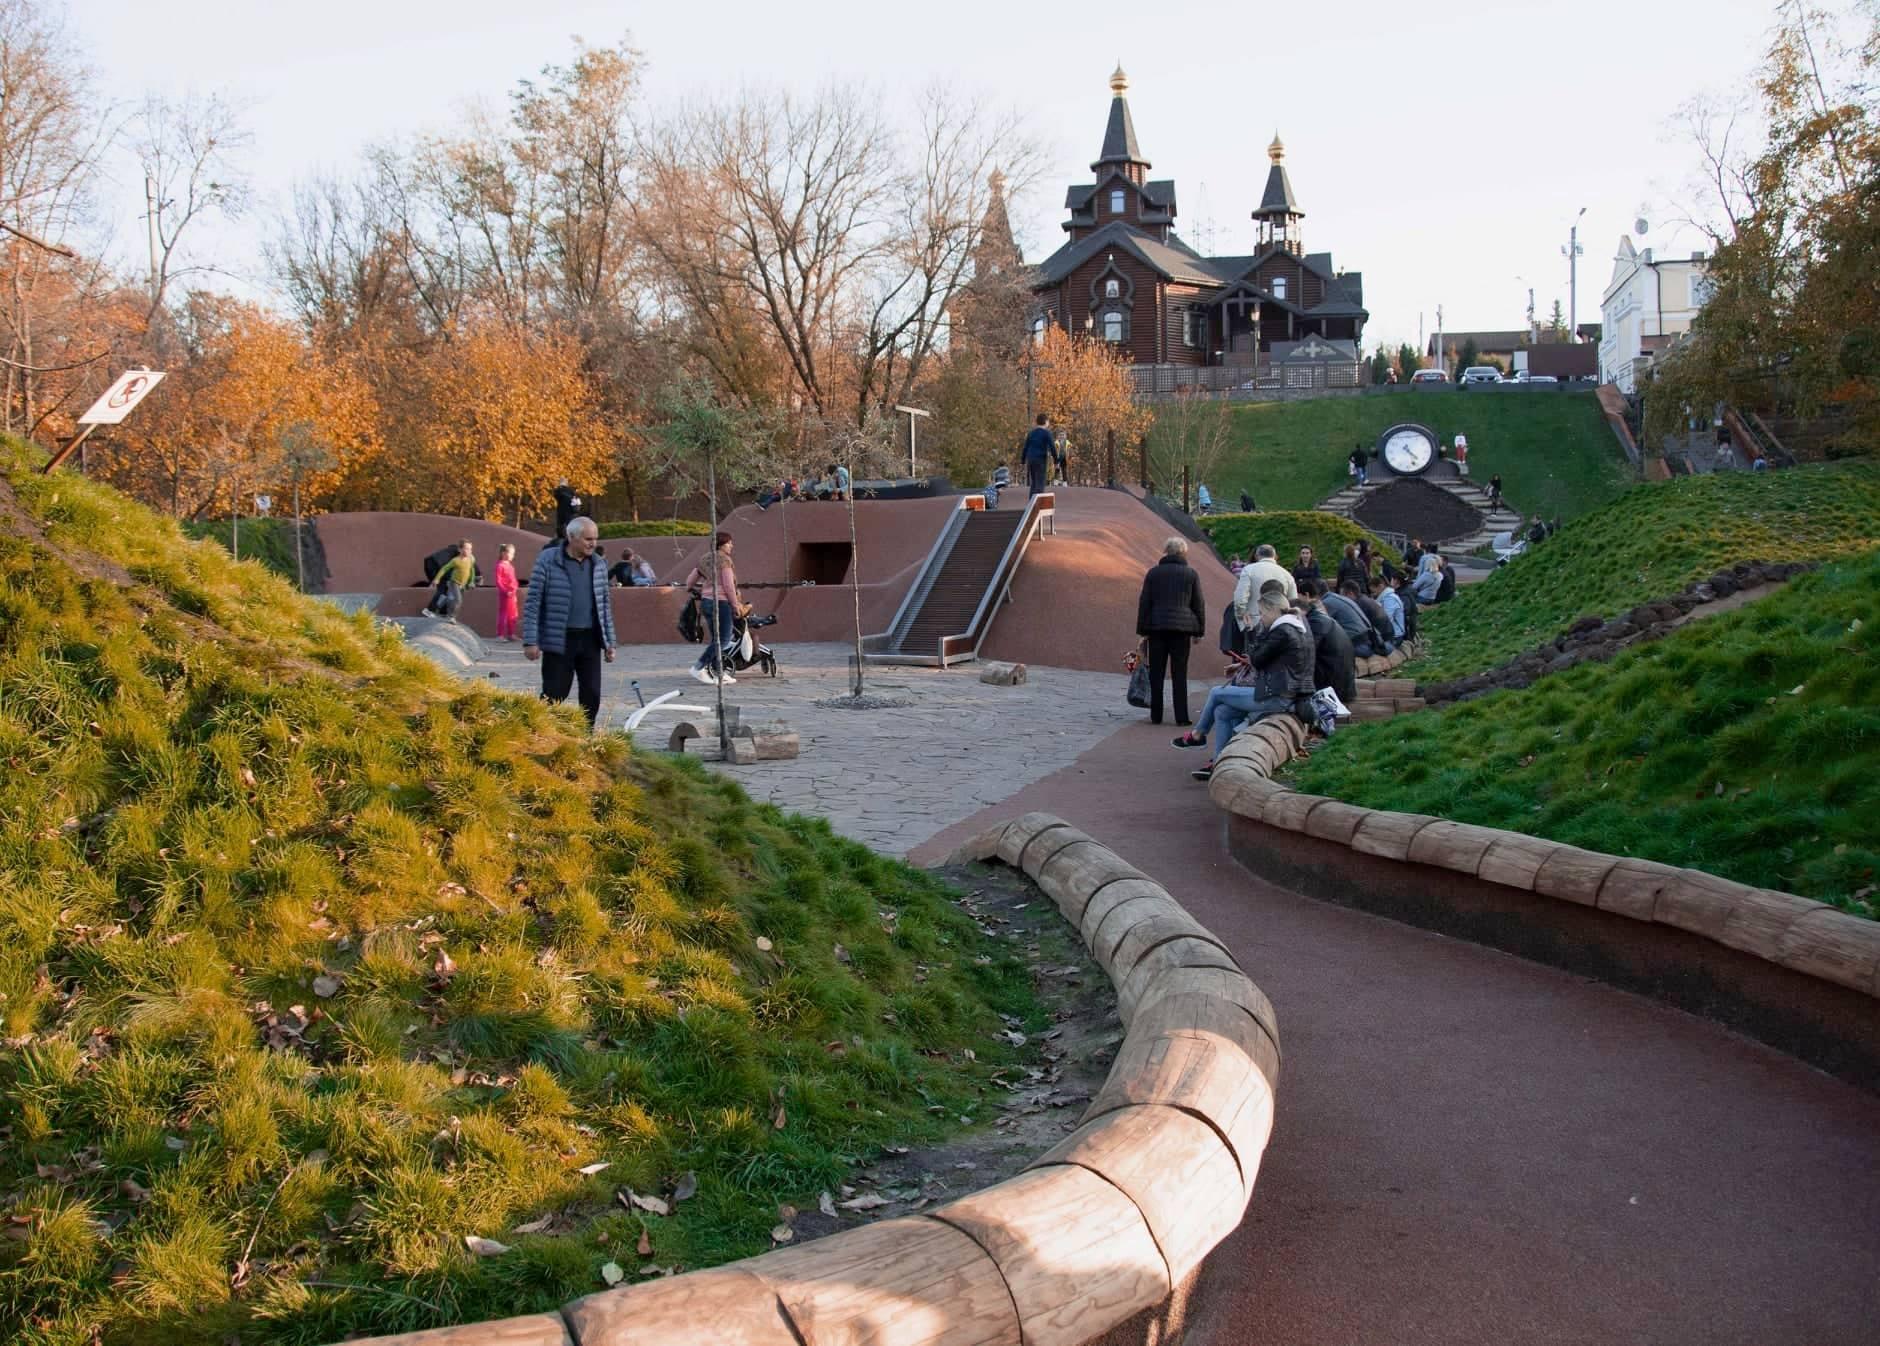 Scandinavian Design in the Eastern-European Park in Kharkiv, Ukraine